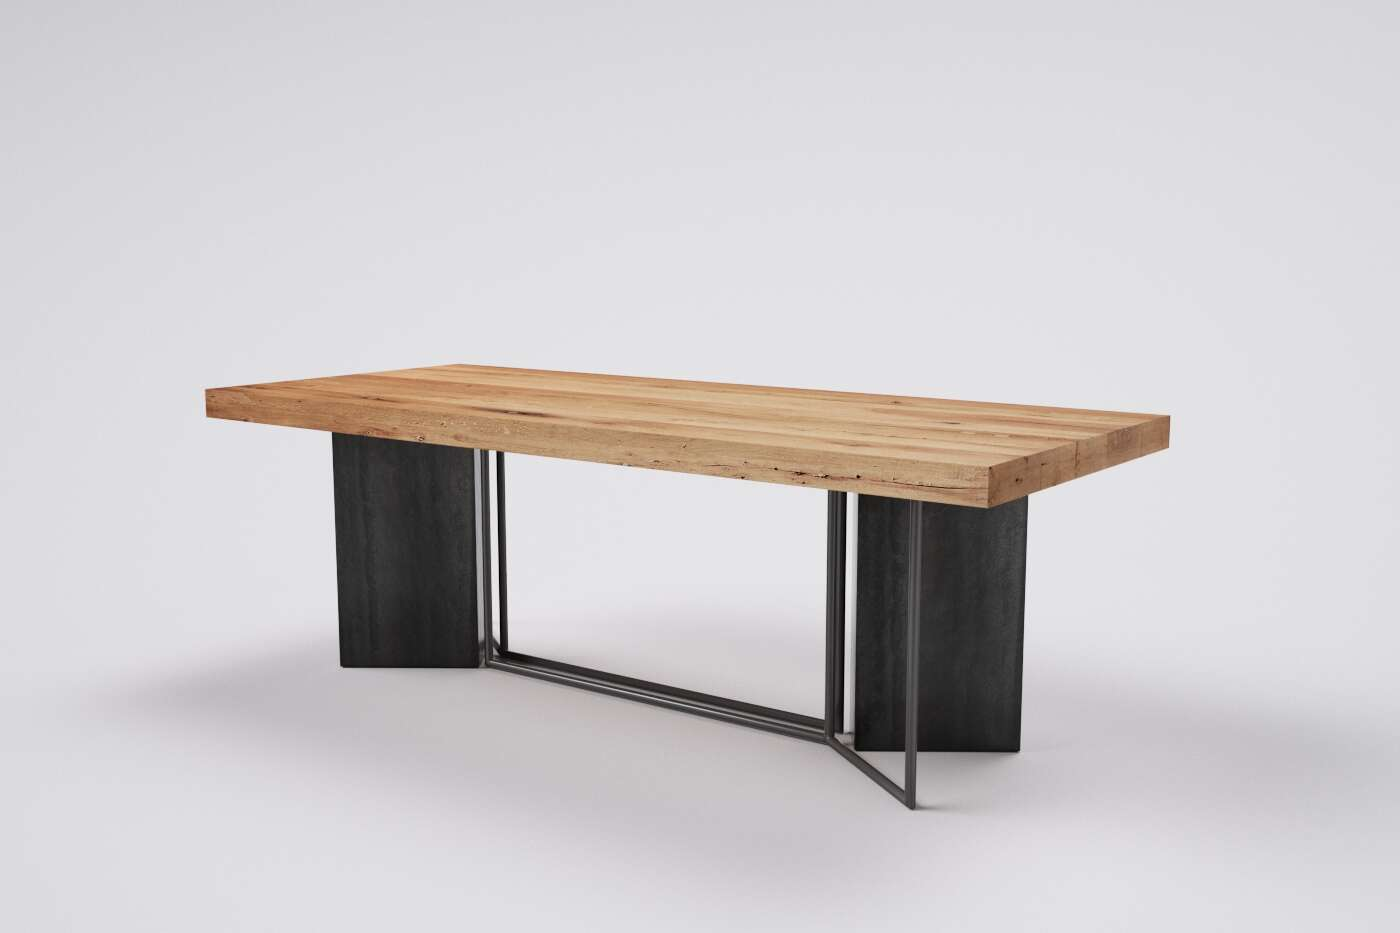 Holztisch Esstisch massiv altes Eichenholz | Wohnsektion